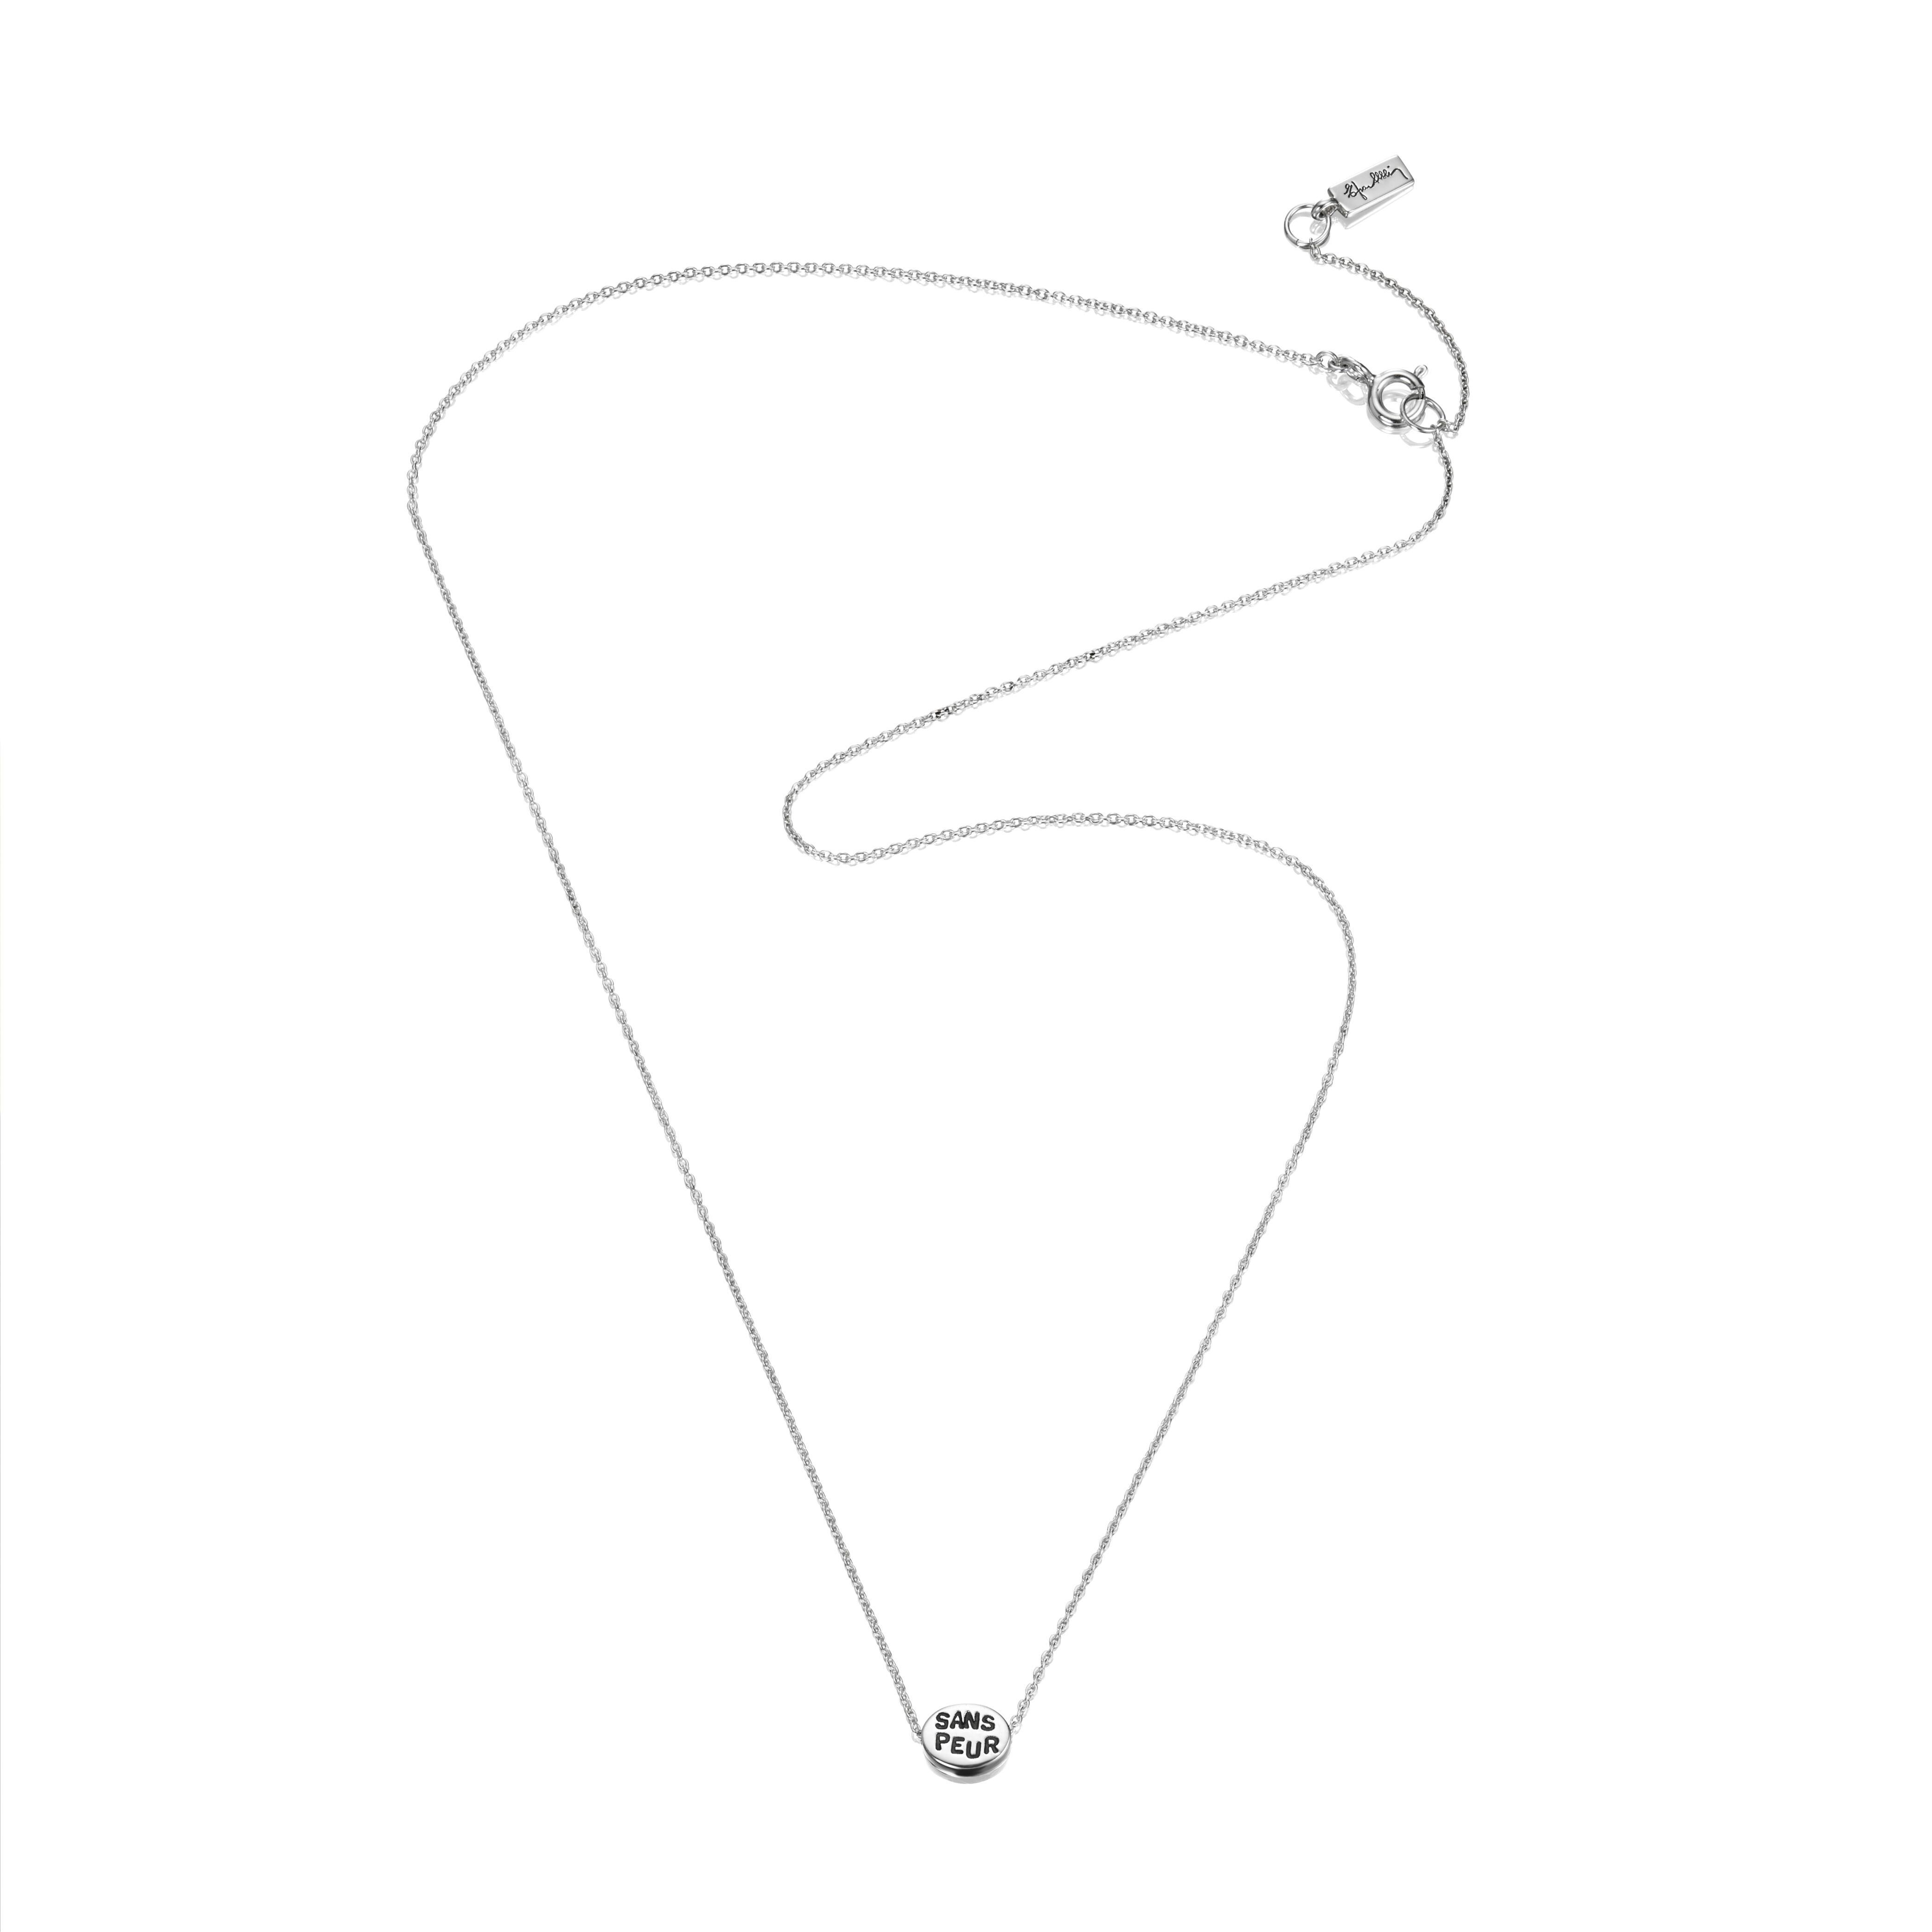 Necklace Length Diagram Mini Me Sans Peur Necklace